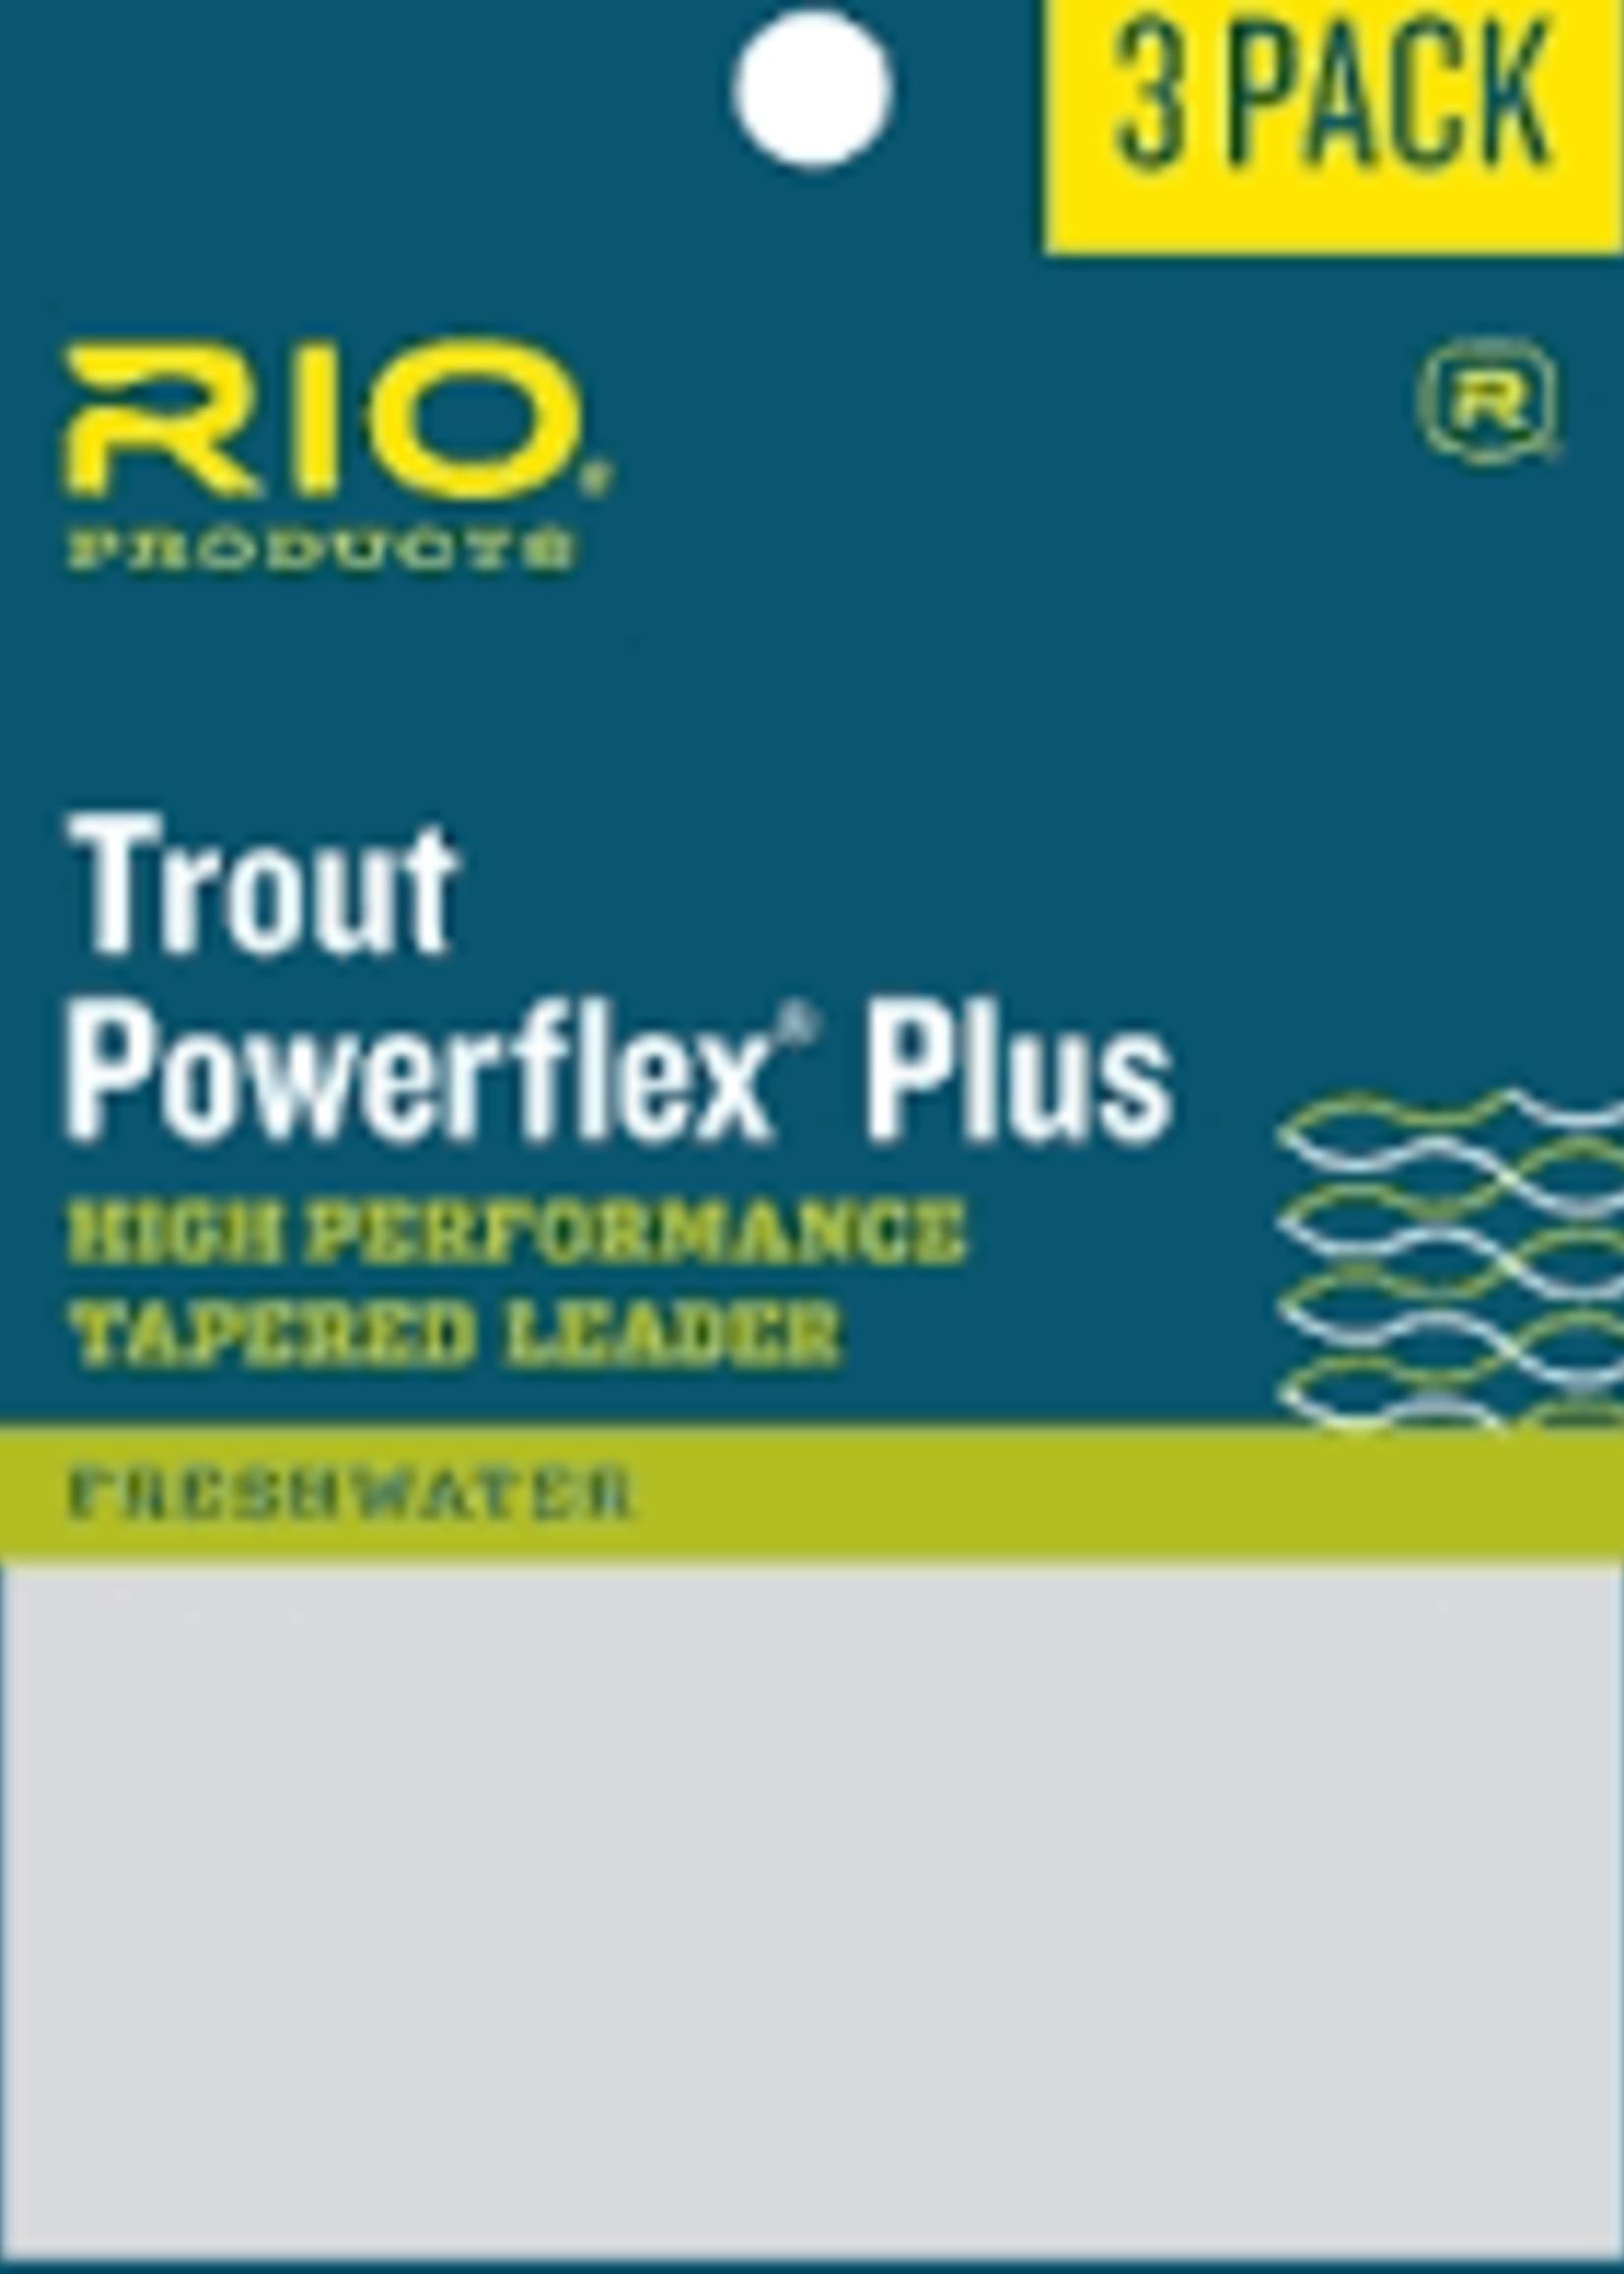 RIO RIO POWERFLEX PLUS LEADER 3 PACK - 7.5FT